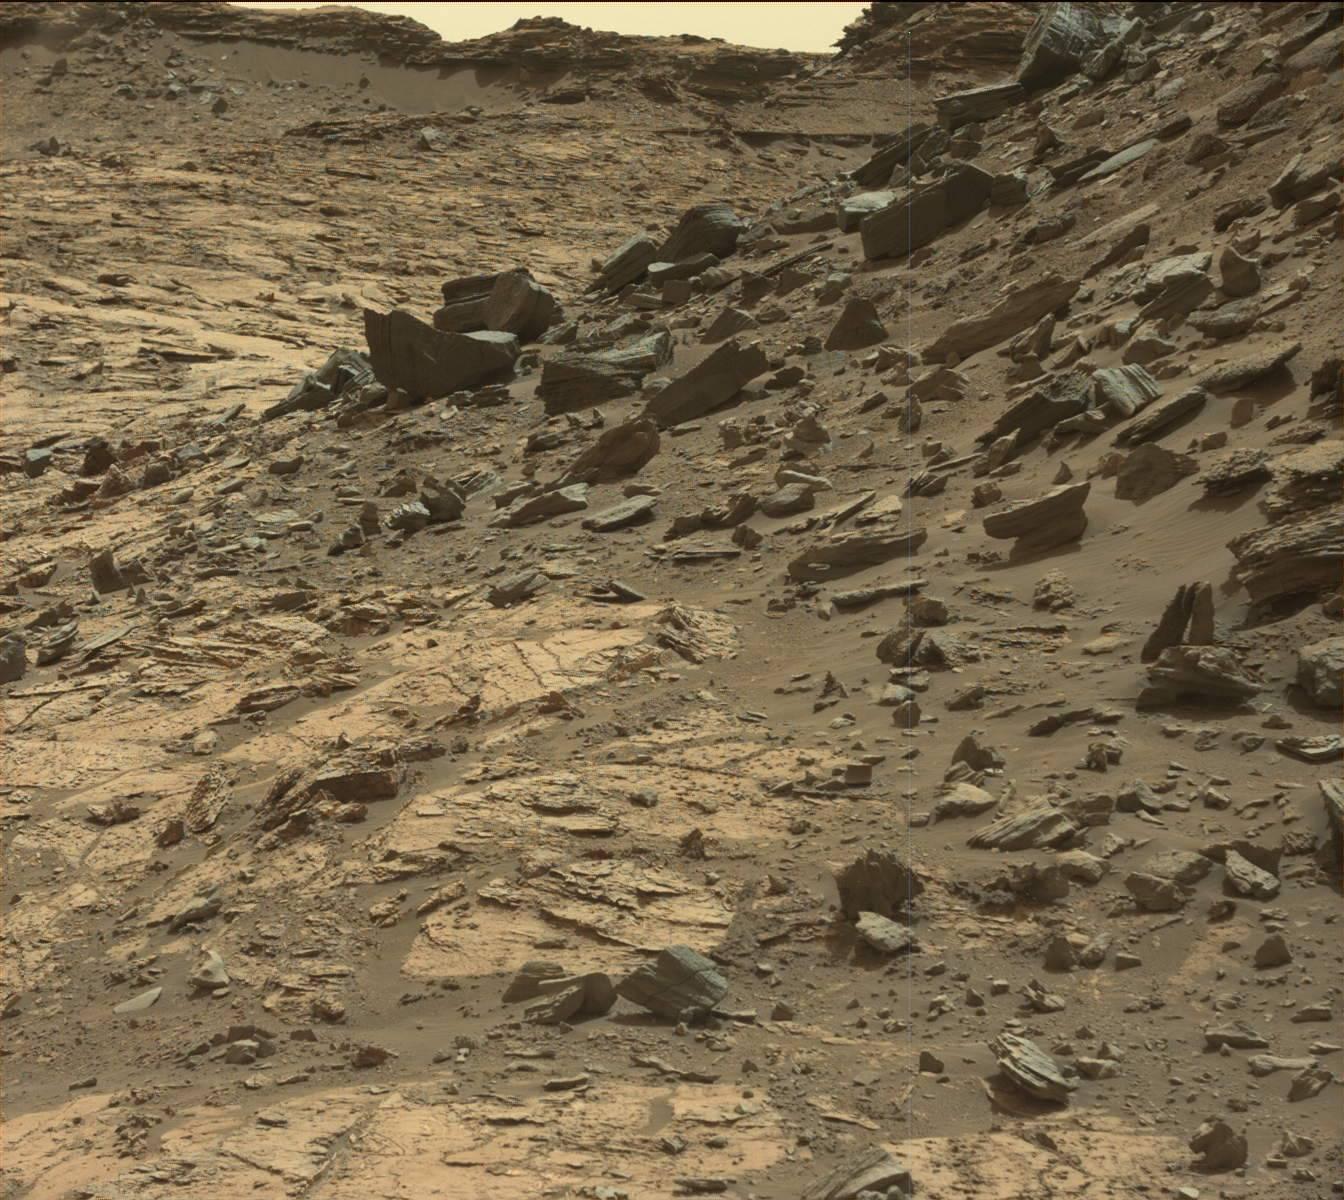 Imagen original de la superficie de Marte, NASA